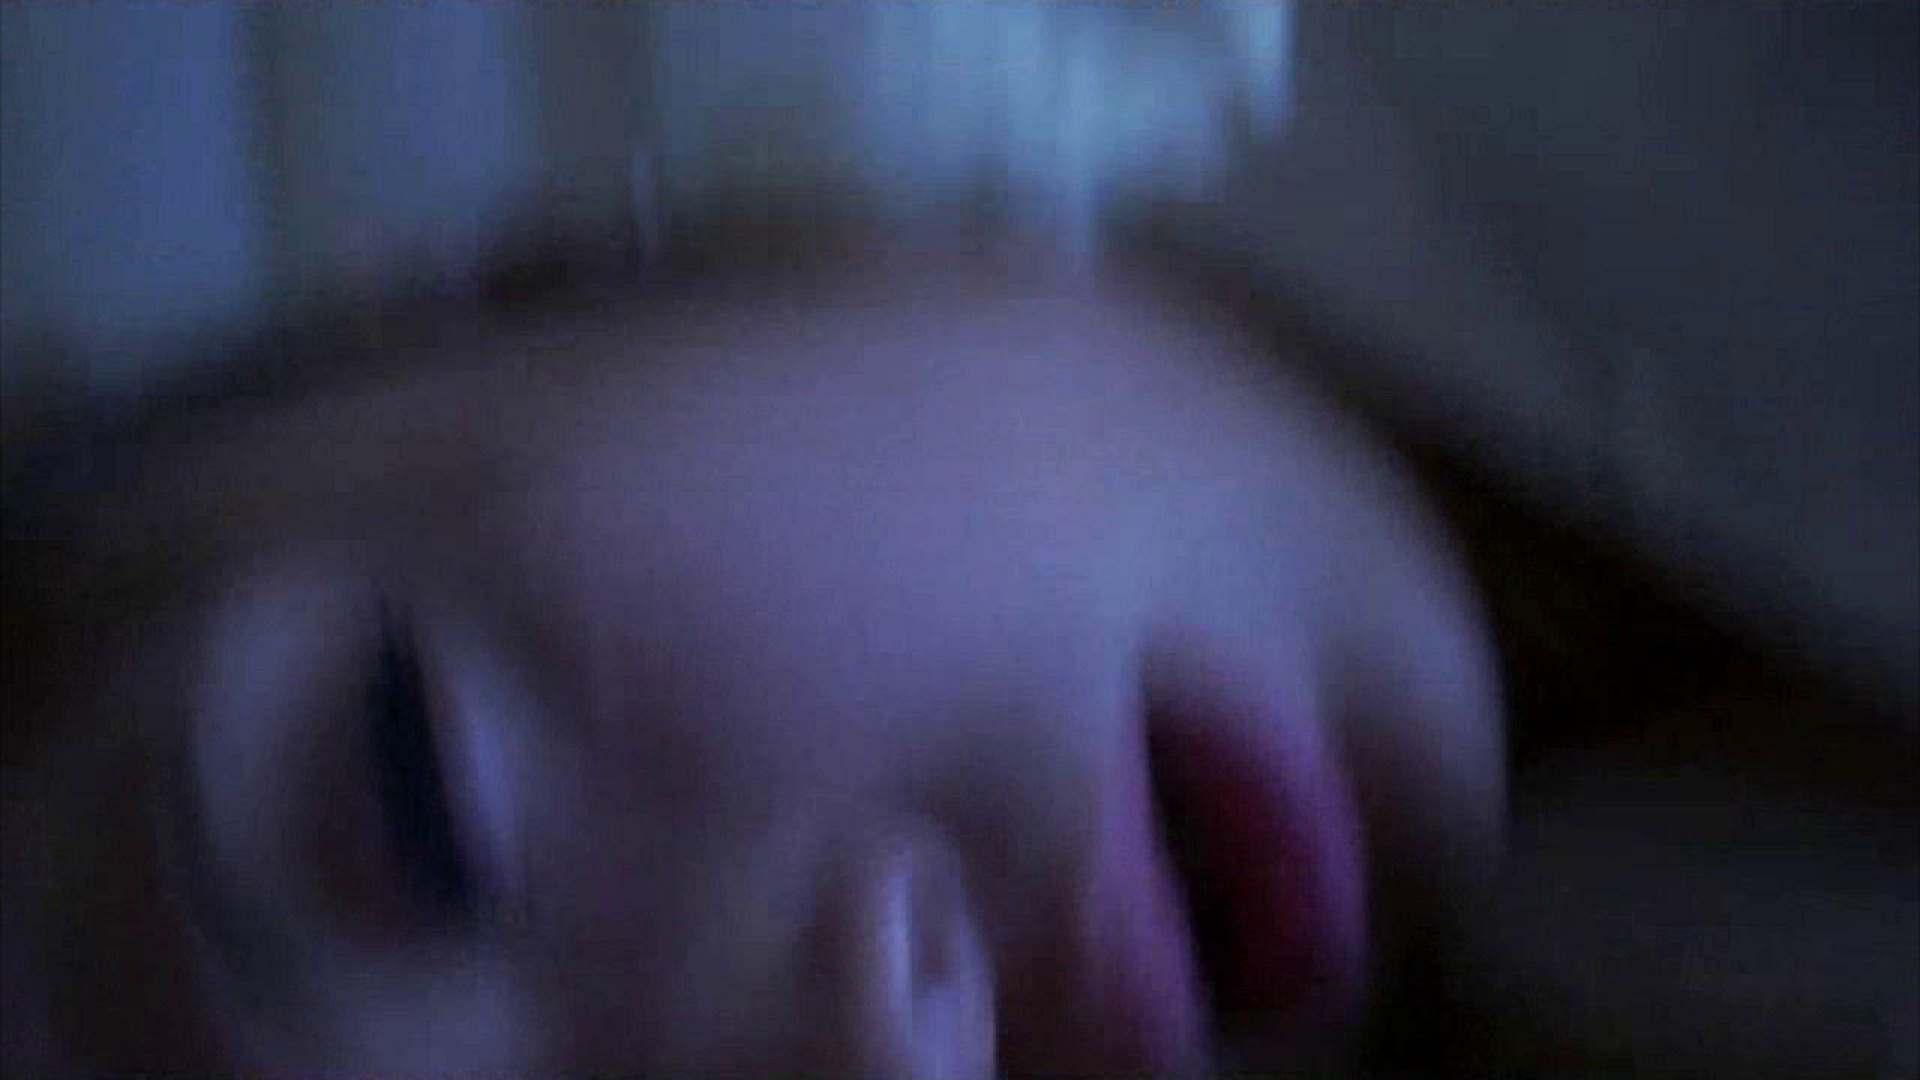 vol.5 ー前編ーユリナちゃんの身体を隅々まで観察しました。 いじくり  89画像 75